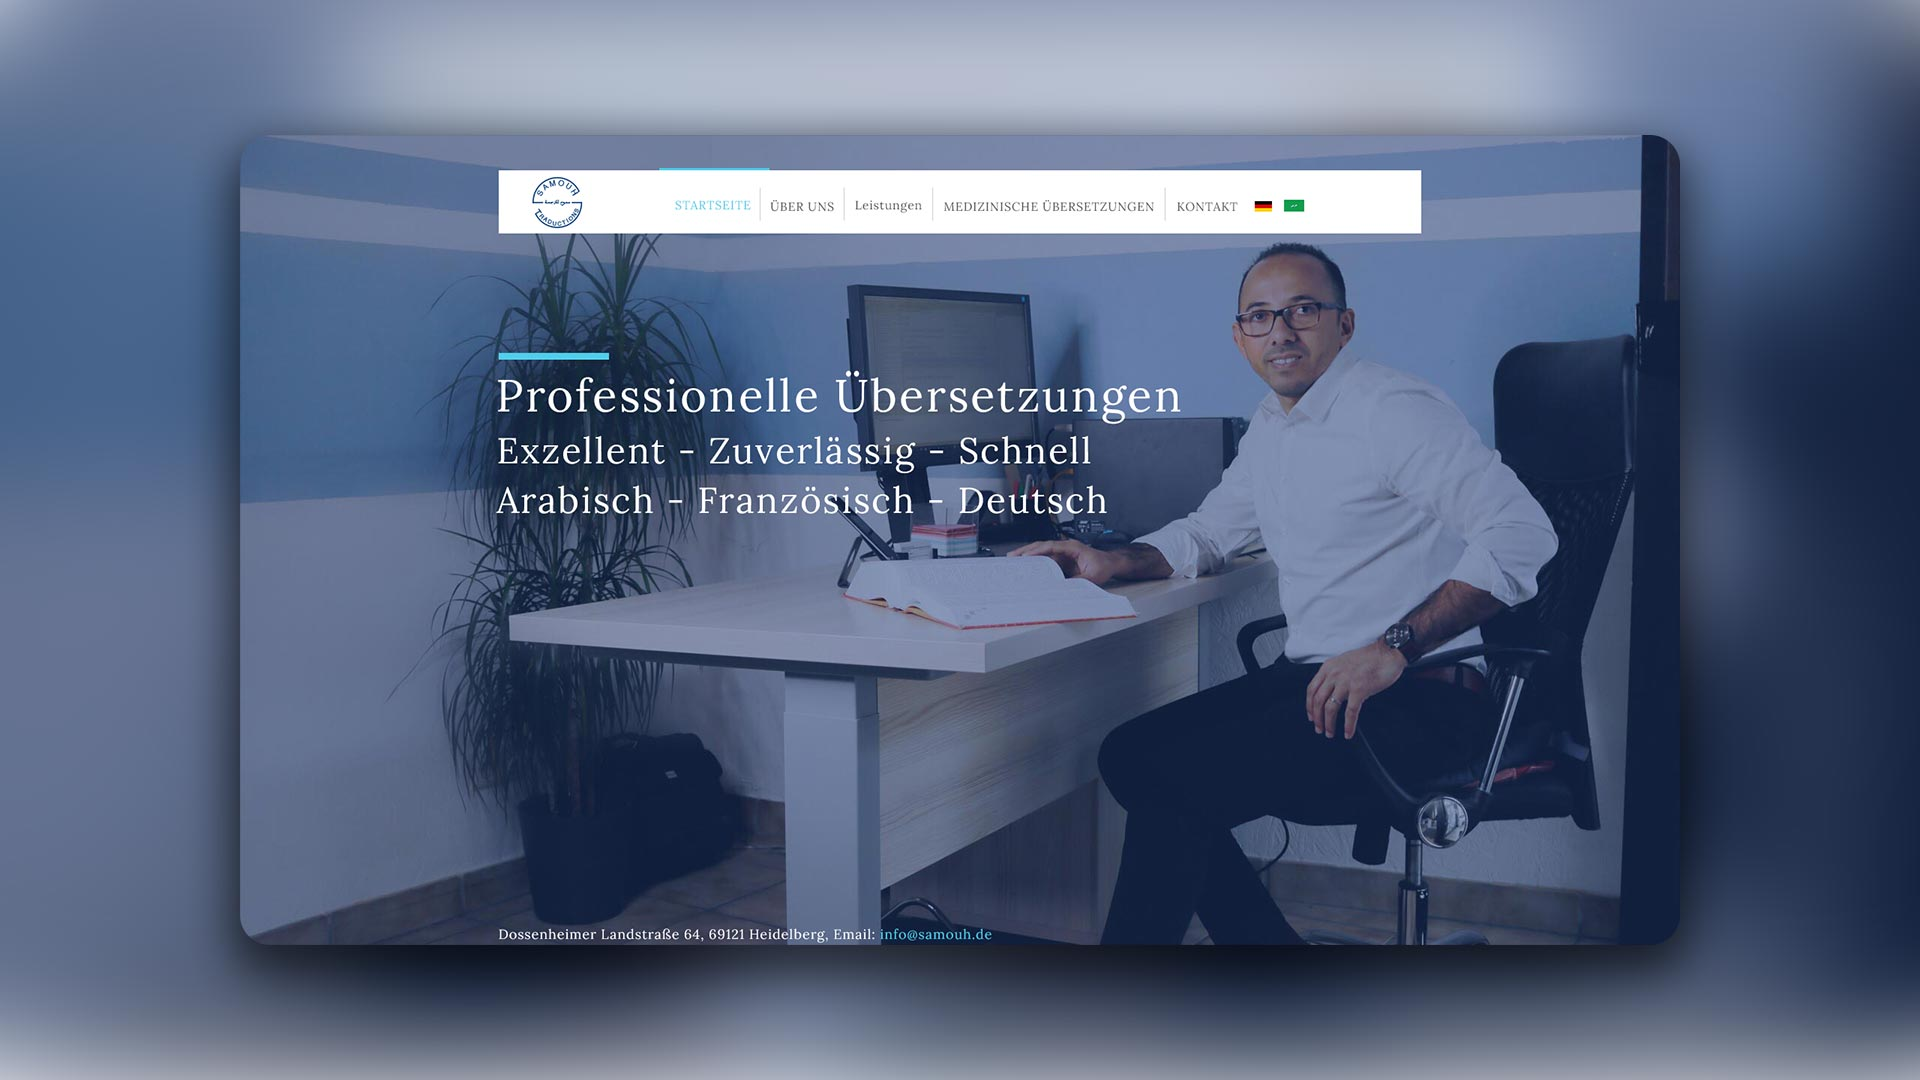 Mischler Webdesign Mannheim portfolio Samouh Traductions webseite